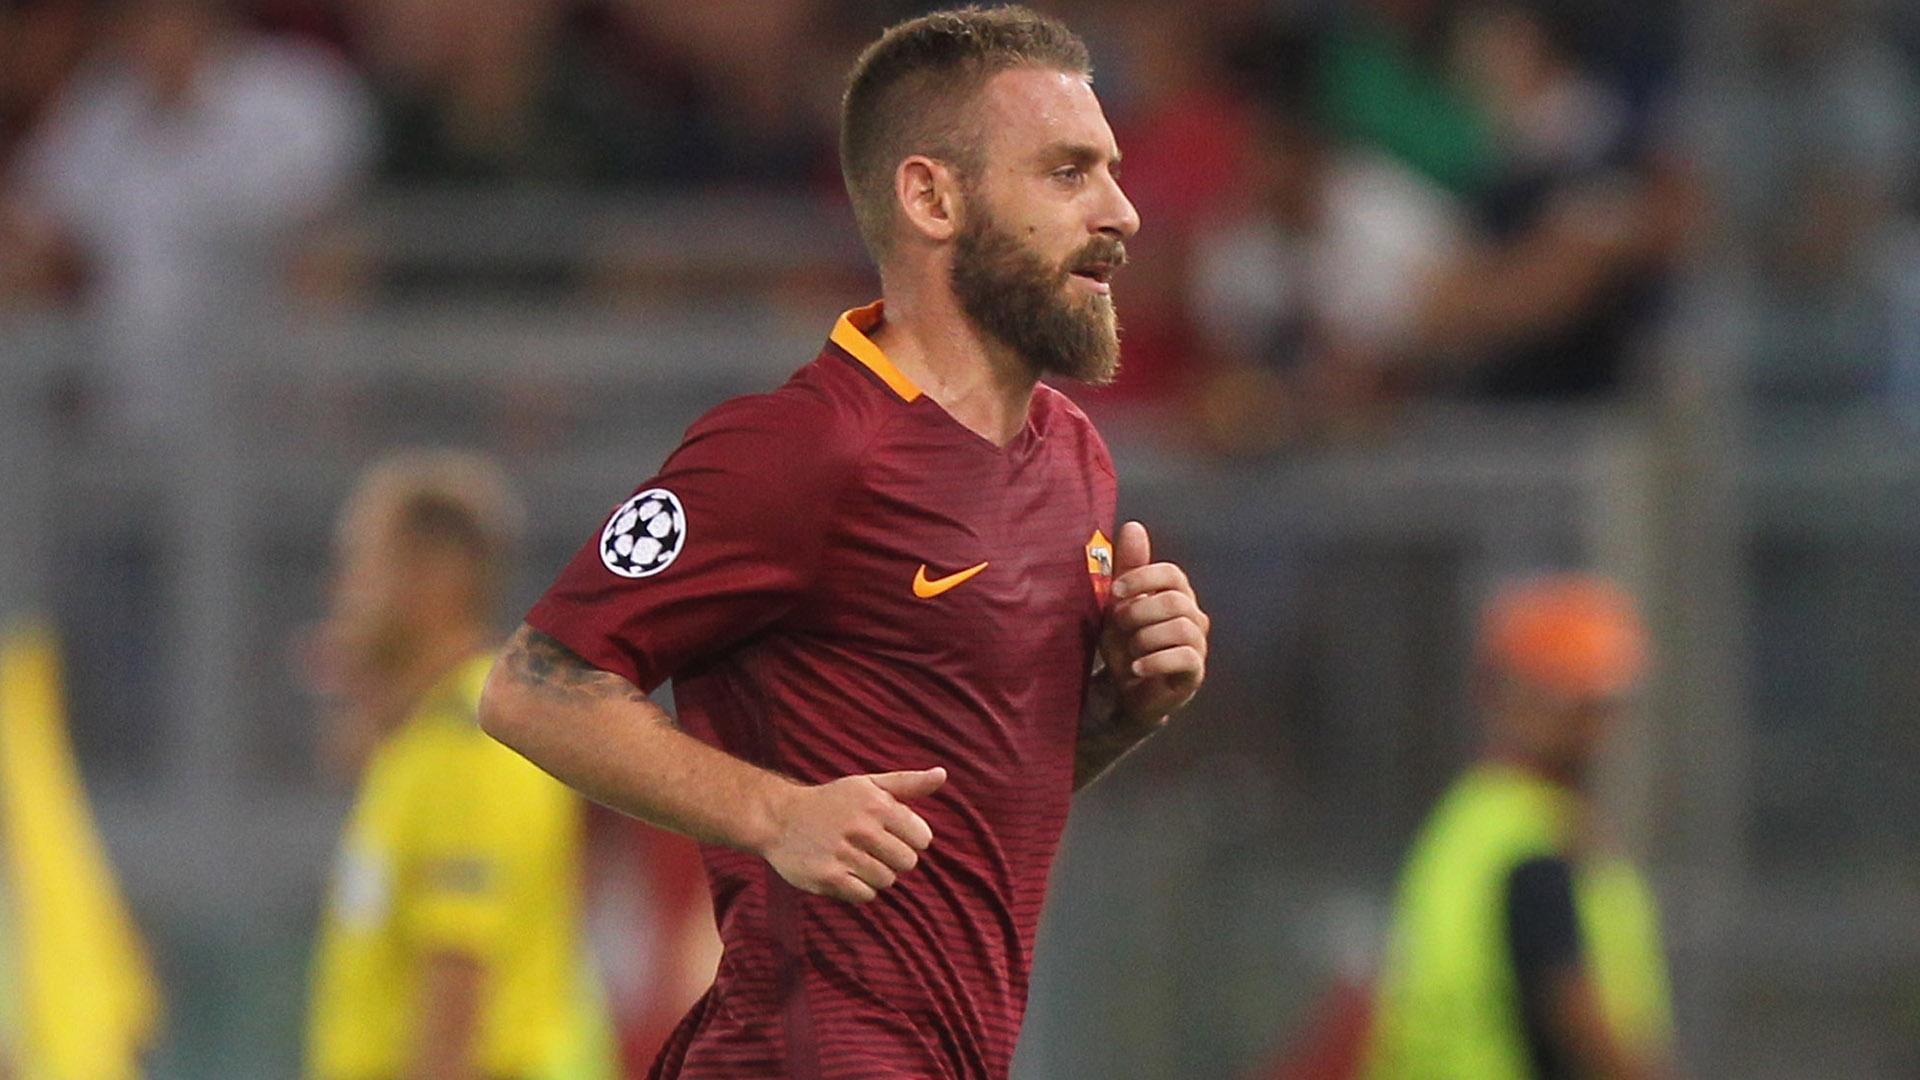 Calciomercato Roma: la Juventus ci prova per De Rossi, no del centrocampista